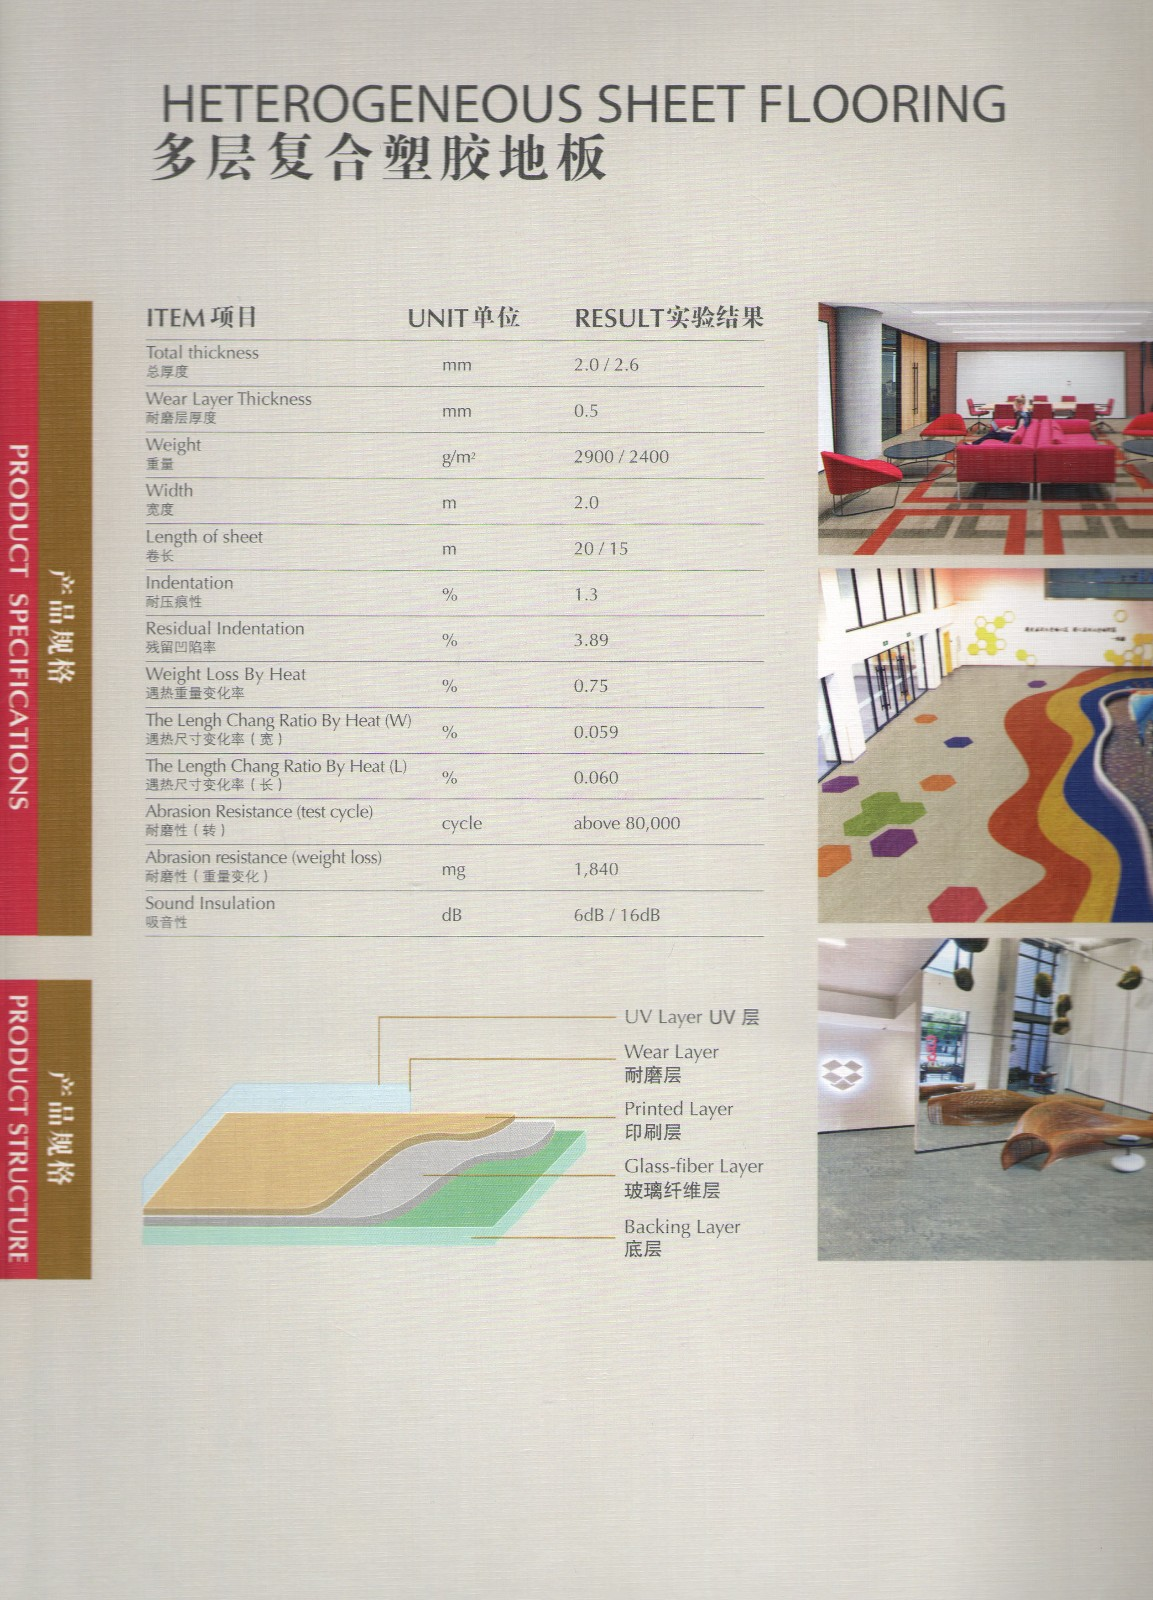 大巨龙雅彩龙PVC地板|大巨龙系列-陕西棋牌挣钱建材有限责任公司